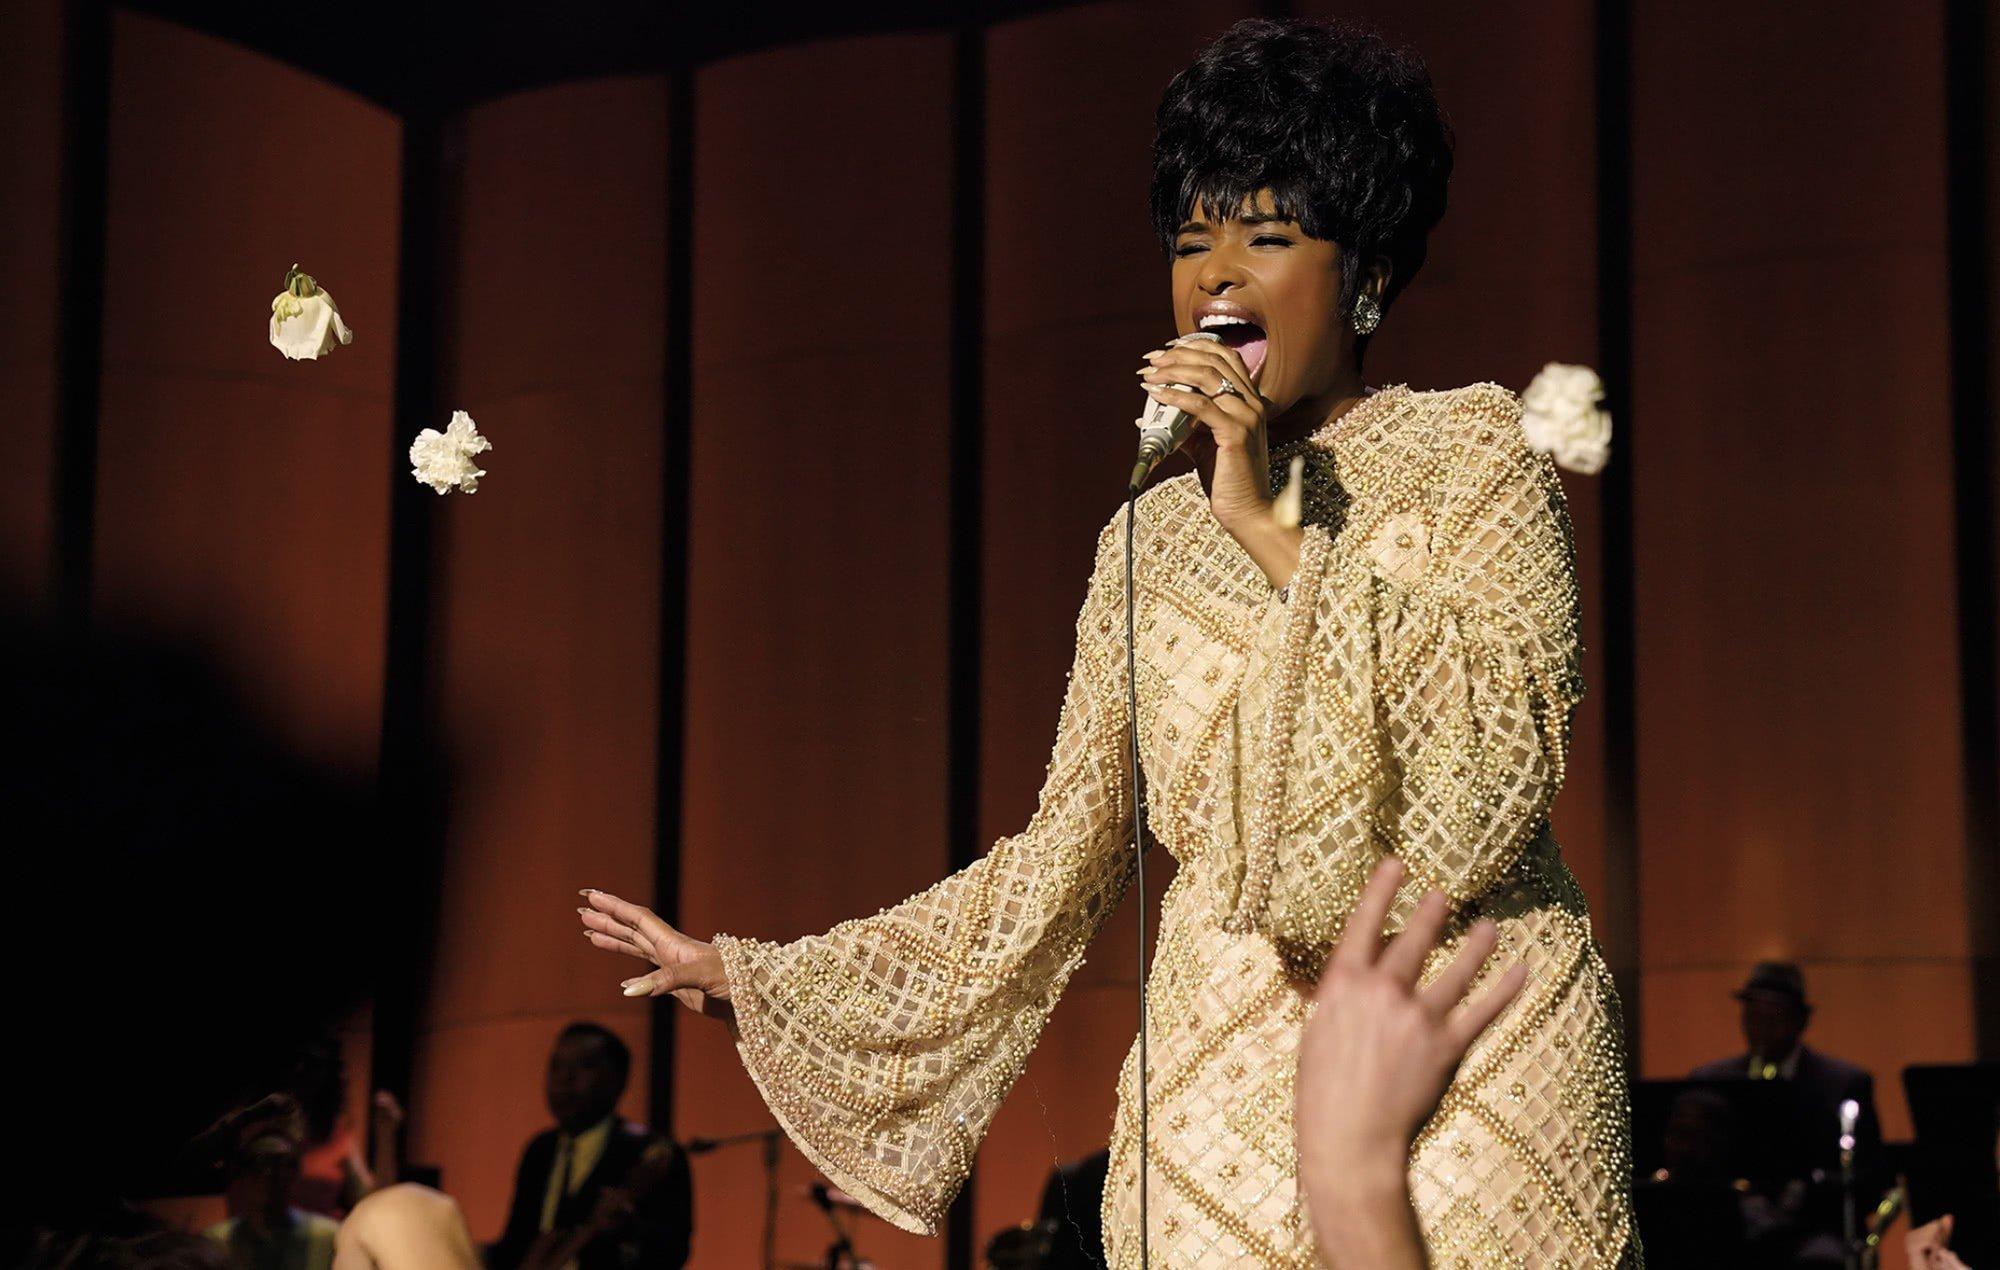 Cena do filme Respect, que mostra Aretha, personagem de Jennifer Hudson, cantando em um palco iluminado. Ela é negra, alta, tem cabelo preto e usa um vestido claro, segurando o microfone com a mão esquerda.